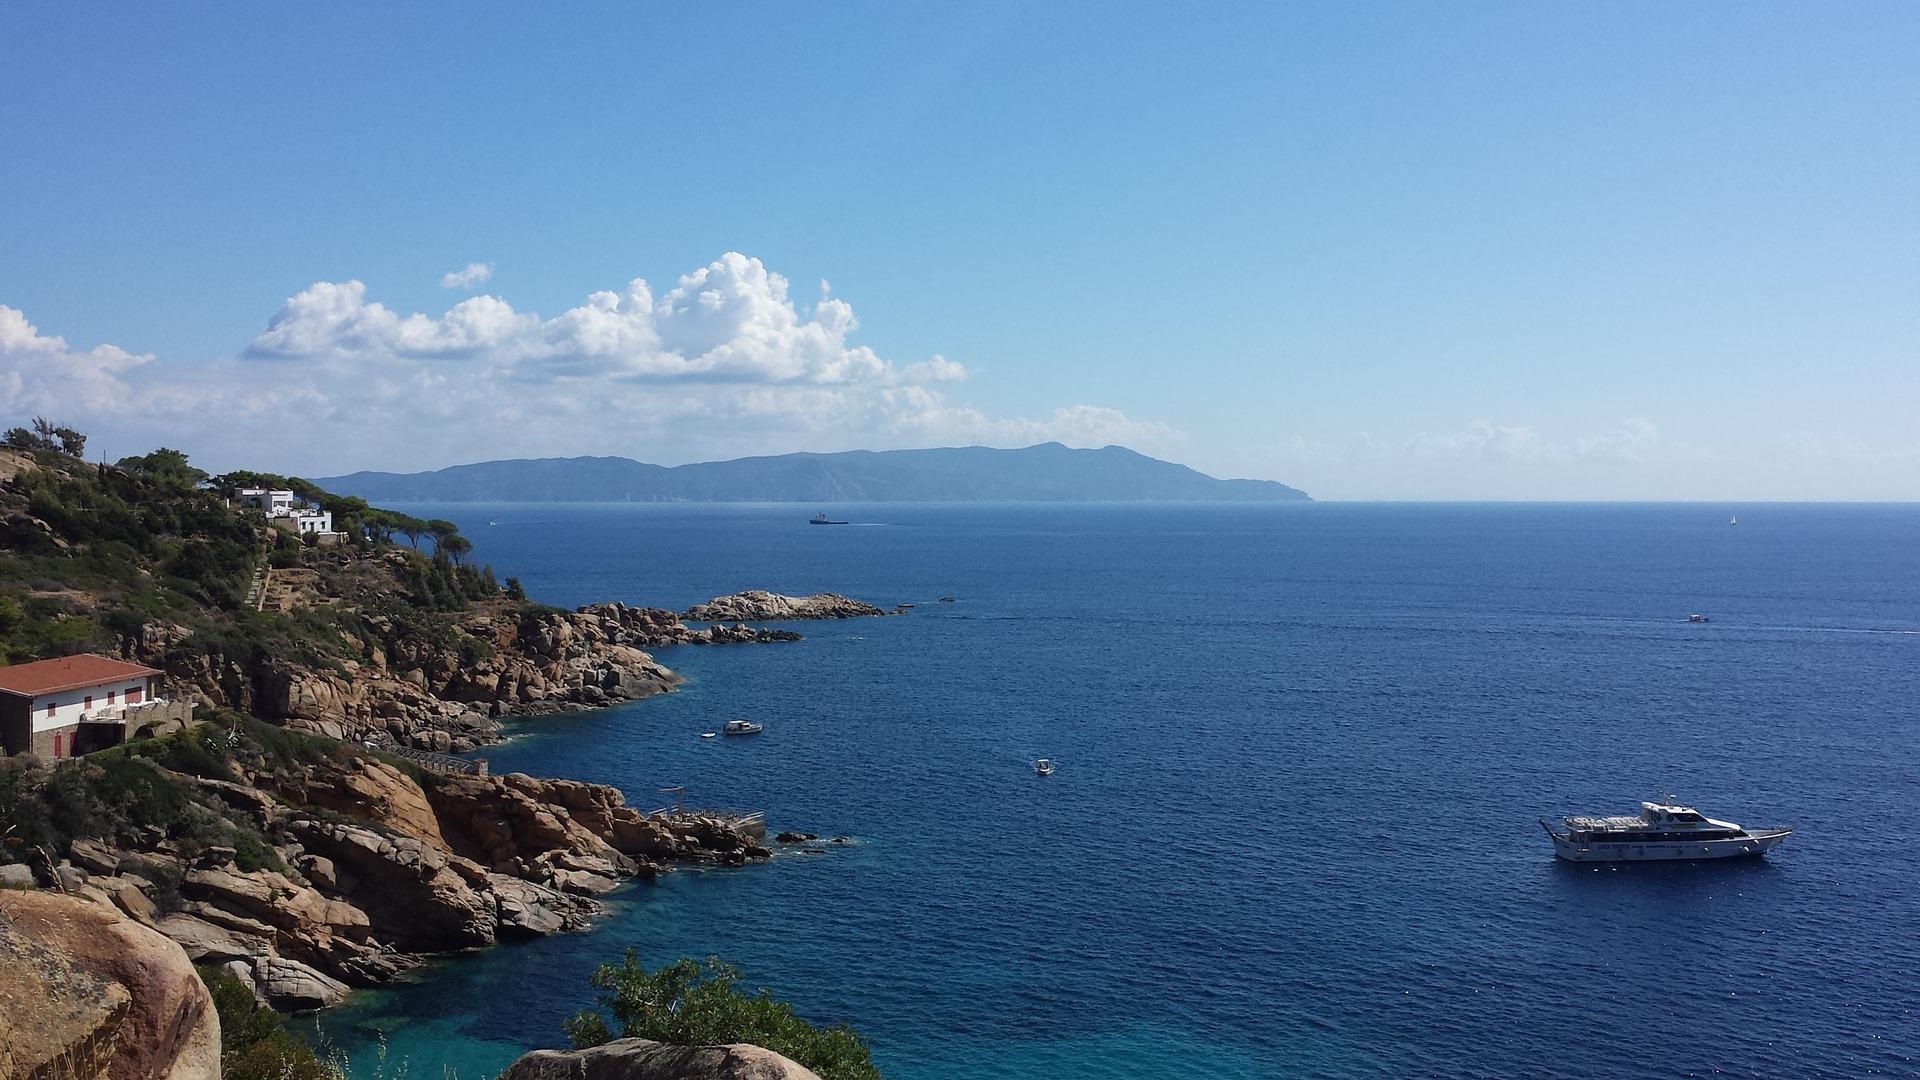 La bellissima Isola del Giglio in Toscana